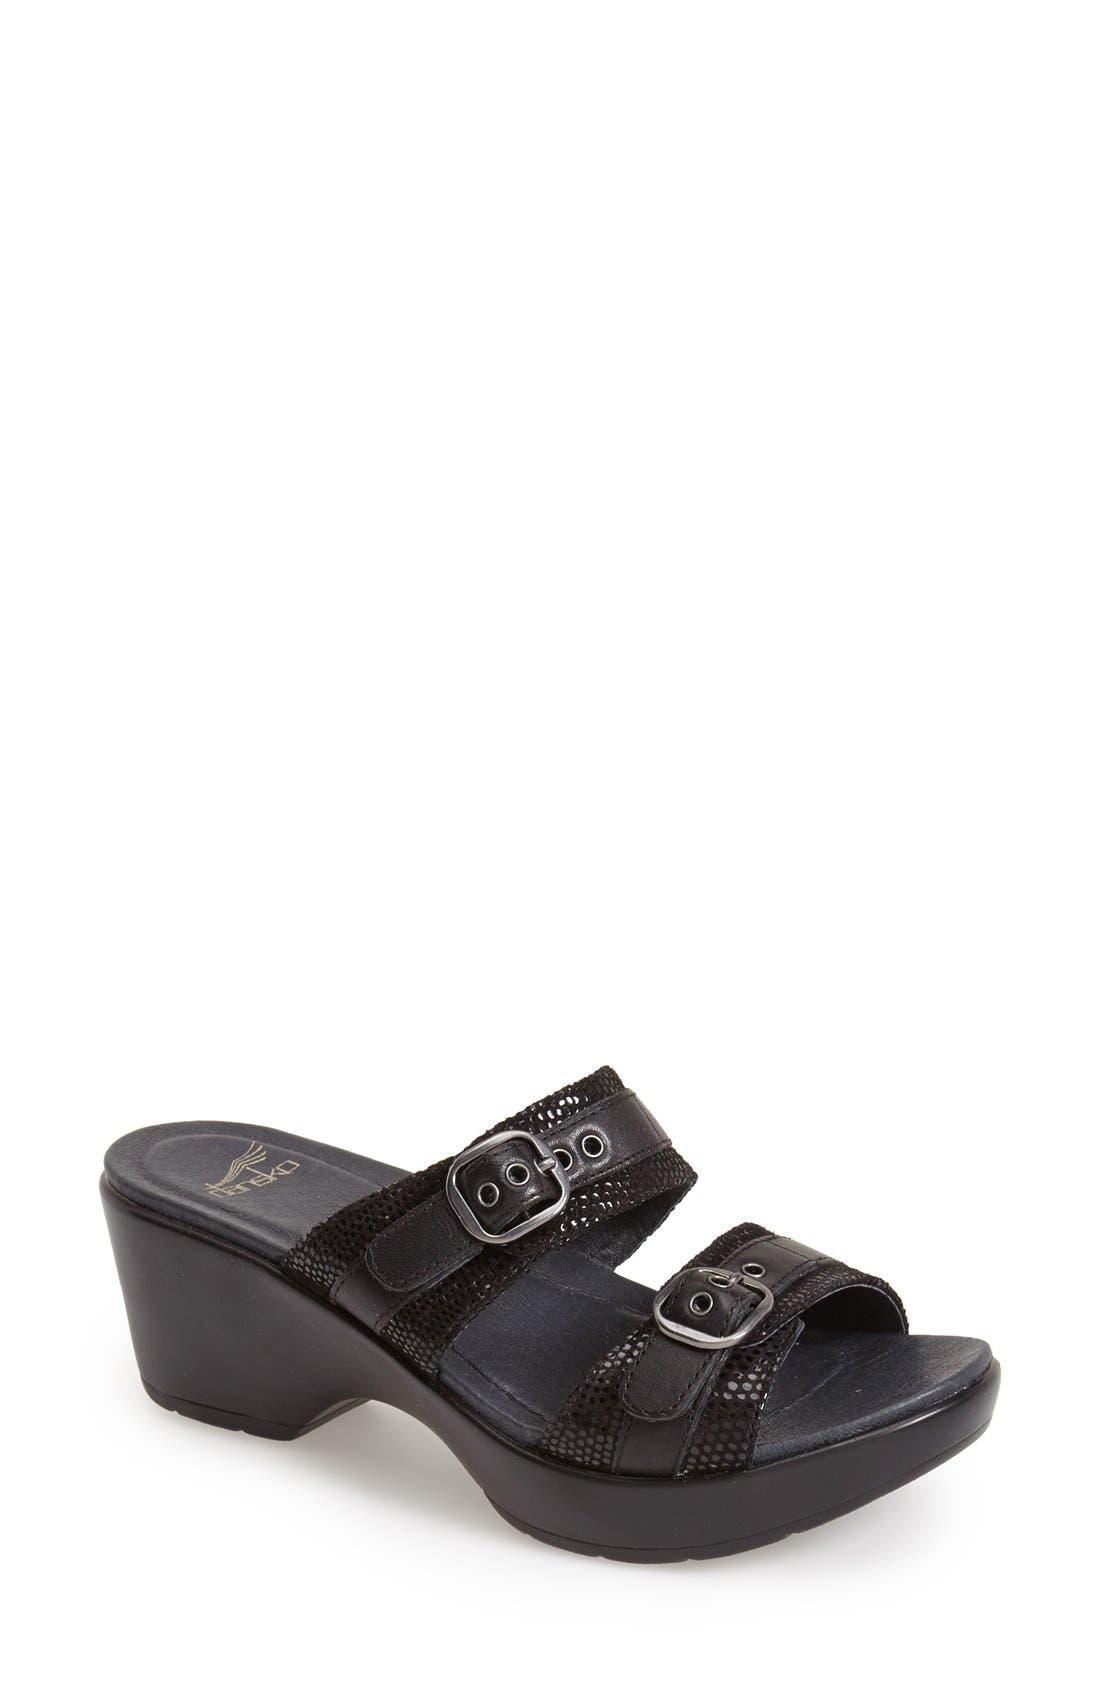 'Jessie' Double Strap Sandal,                             Main thumbnail 1, color,                             001